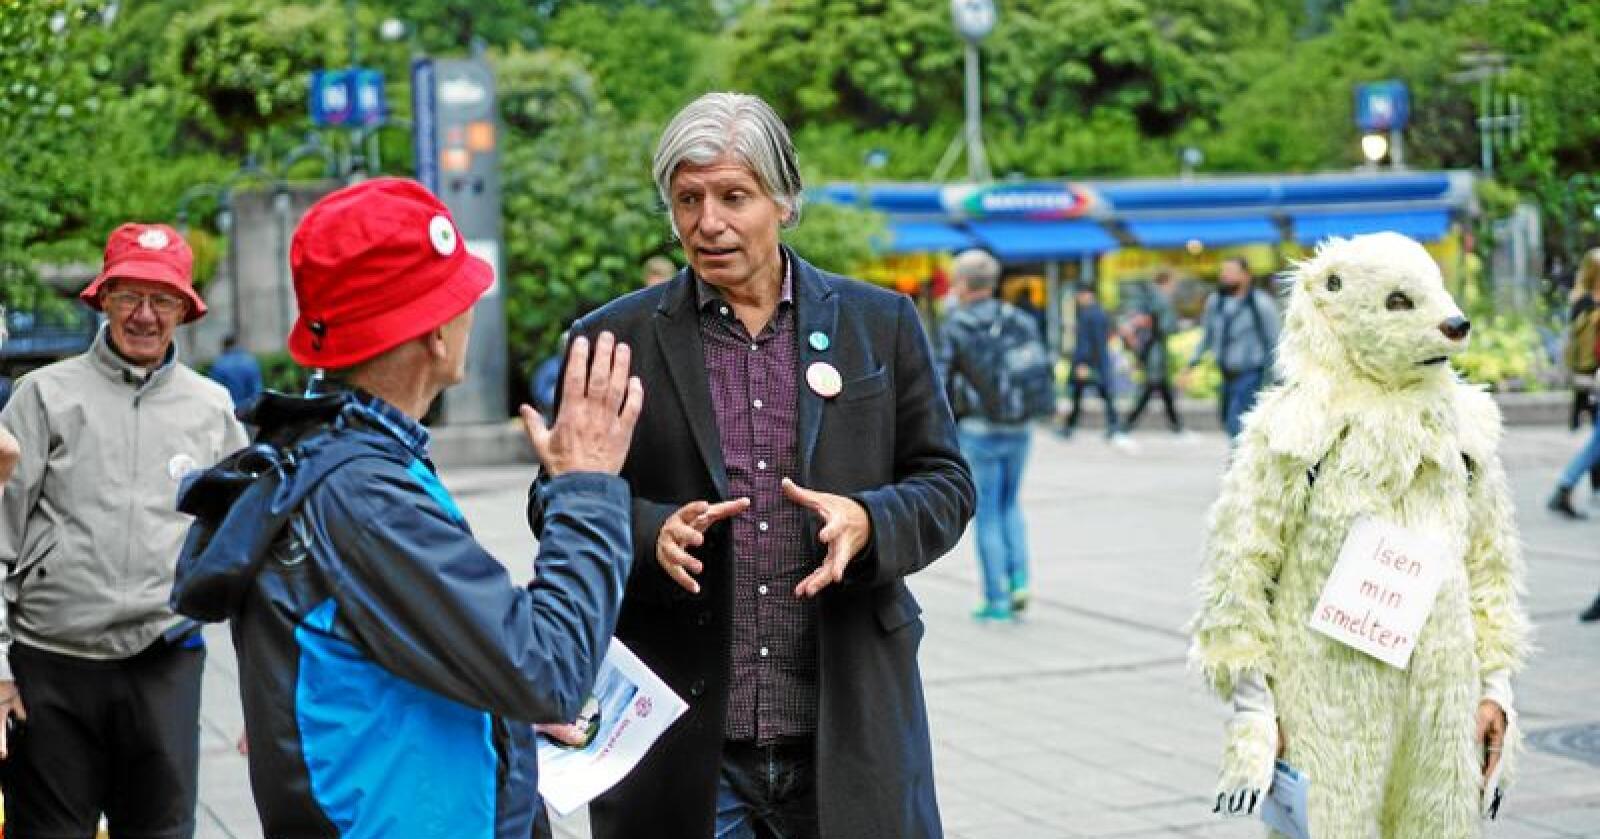 Klima- og miljøminister Ola Elvestuen (V) vil verne Østmarka, også ut over dei reservata som alt er i området. Foto: Ketil Blom Haugstulen